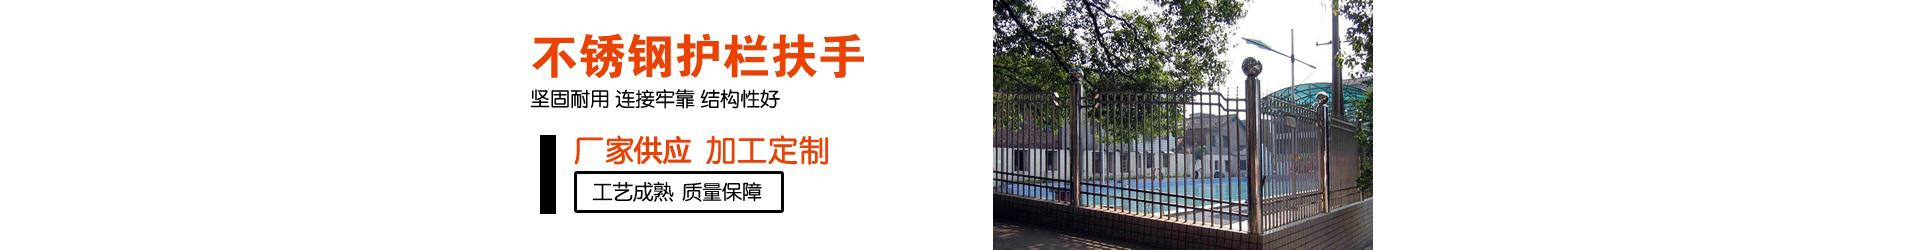 沧州不锈钢护栏扶手